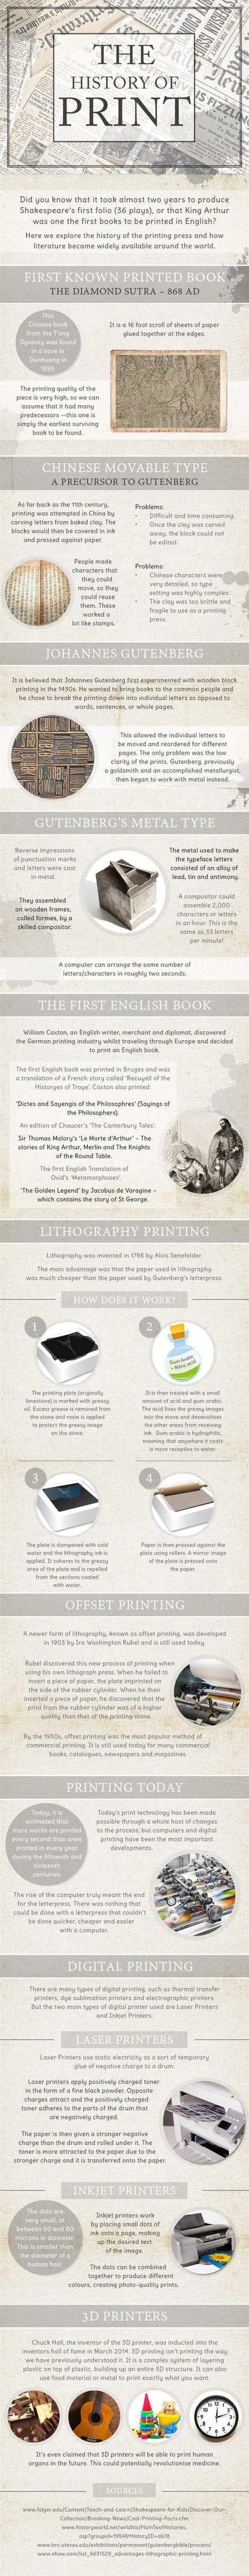 La historia de la impresión, en una infografía | Las Tics y las ciencias de la informacion | Scoop.it